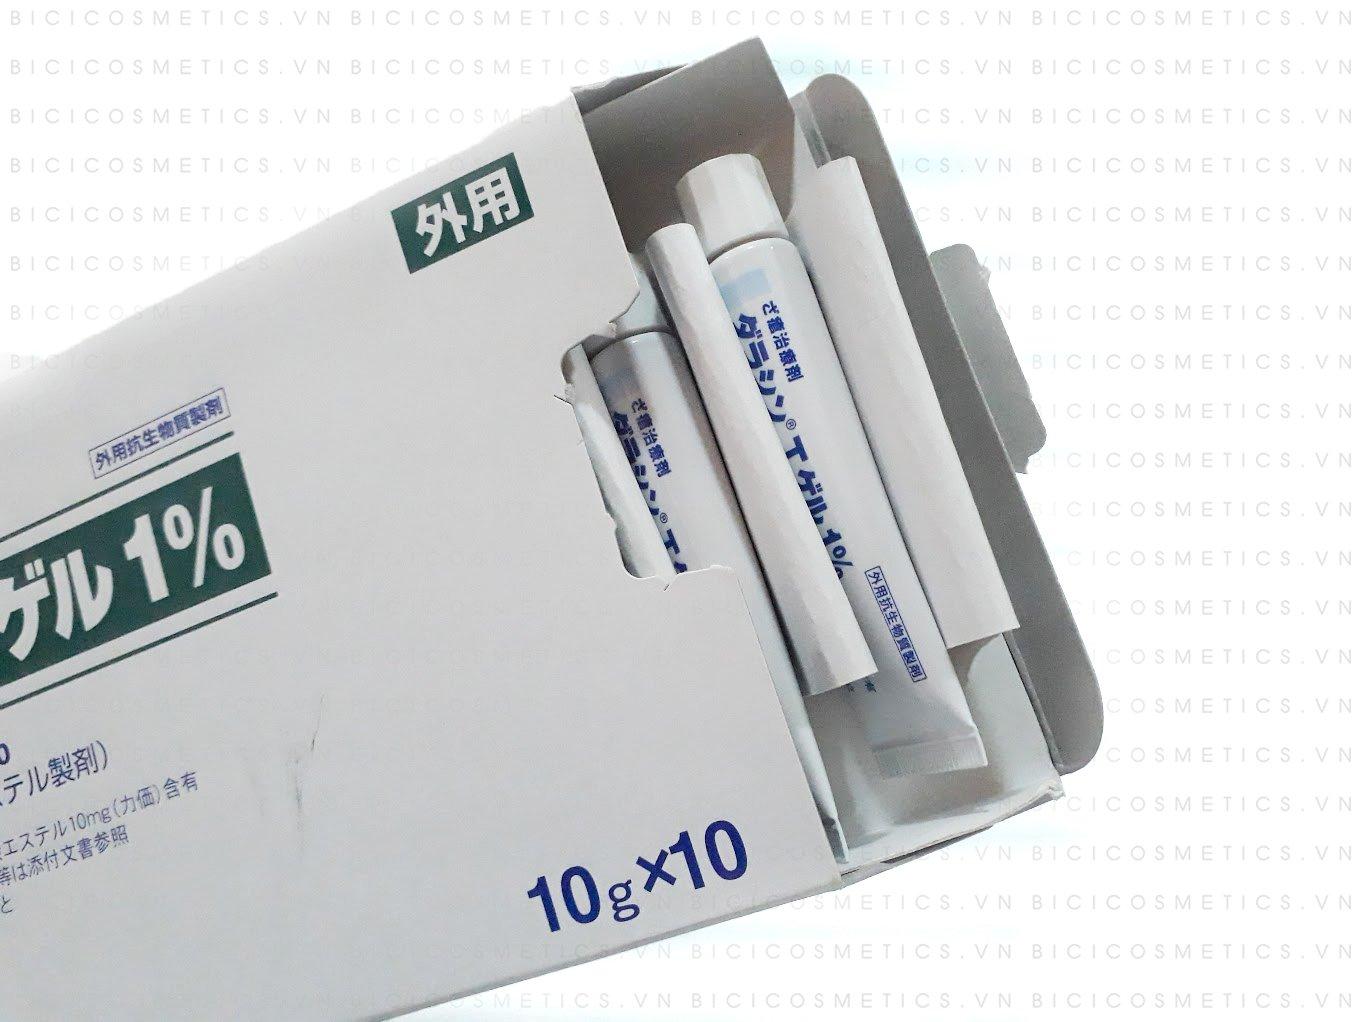 Kem trị mụn thần thánh Dalacin T Gel 1% là sự đột phá và cải tiến hoàn toàn mới của Nhật Bản- Bici Cosmetics